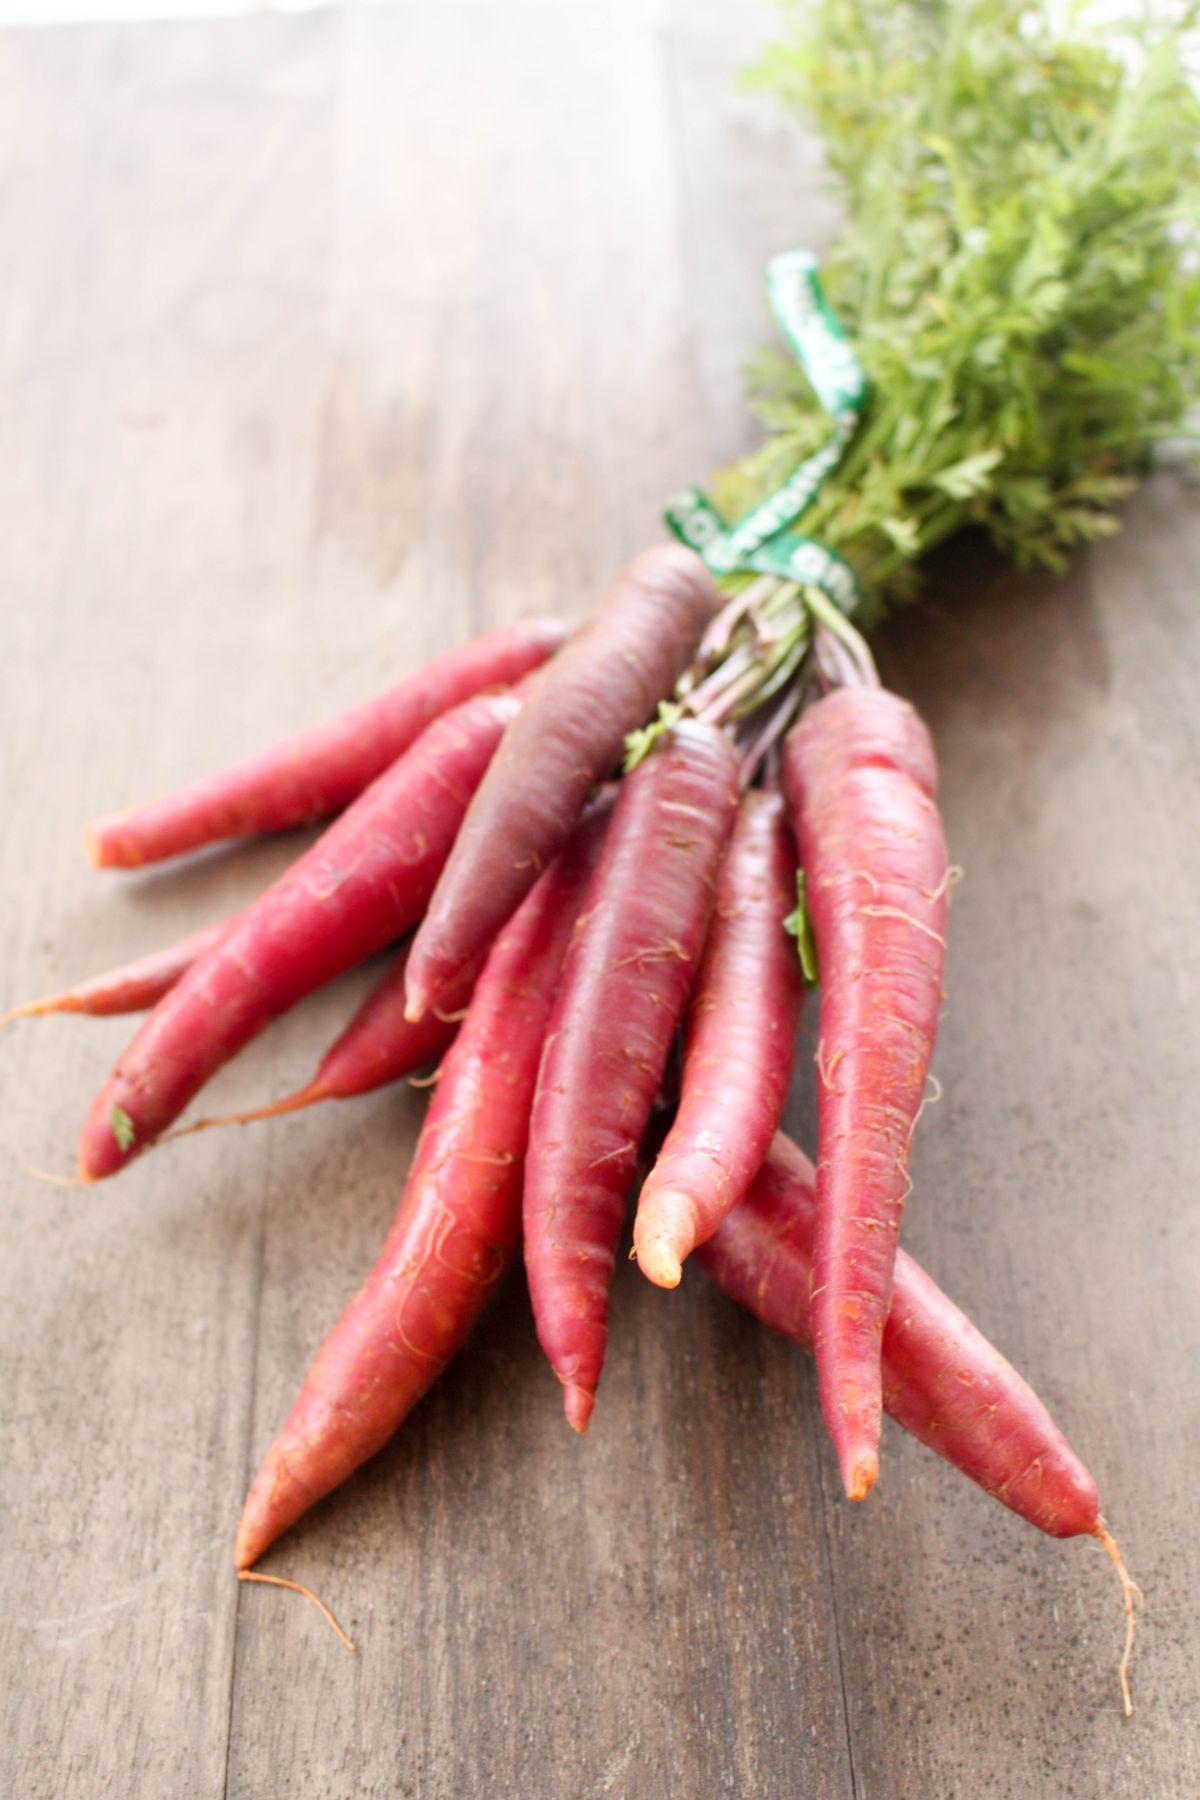 Farmers market carrots ingredients